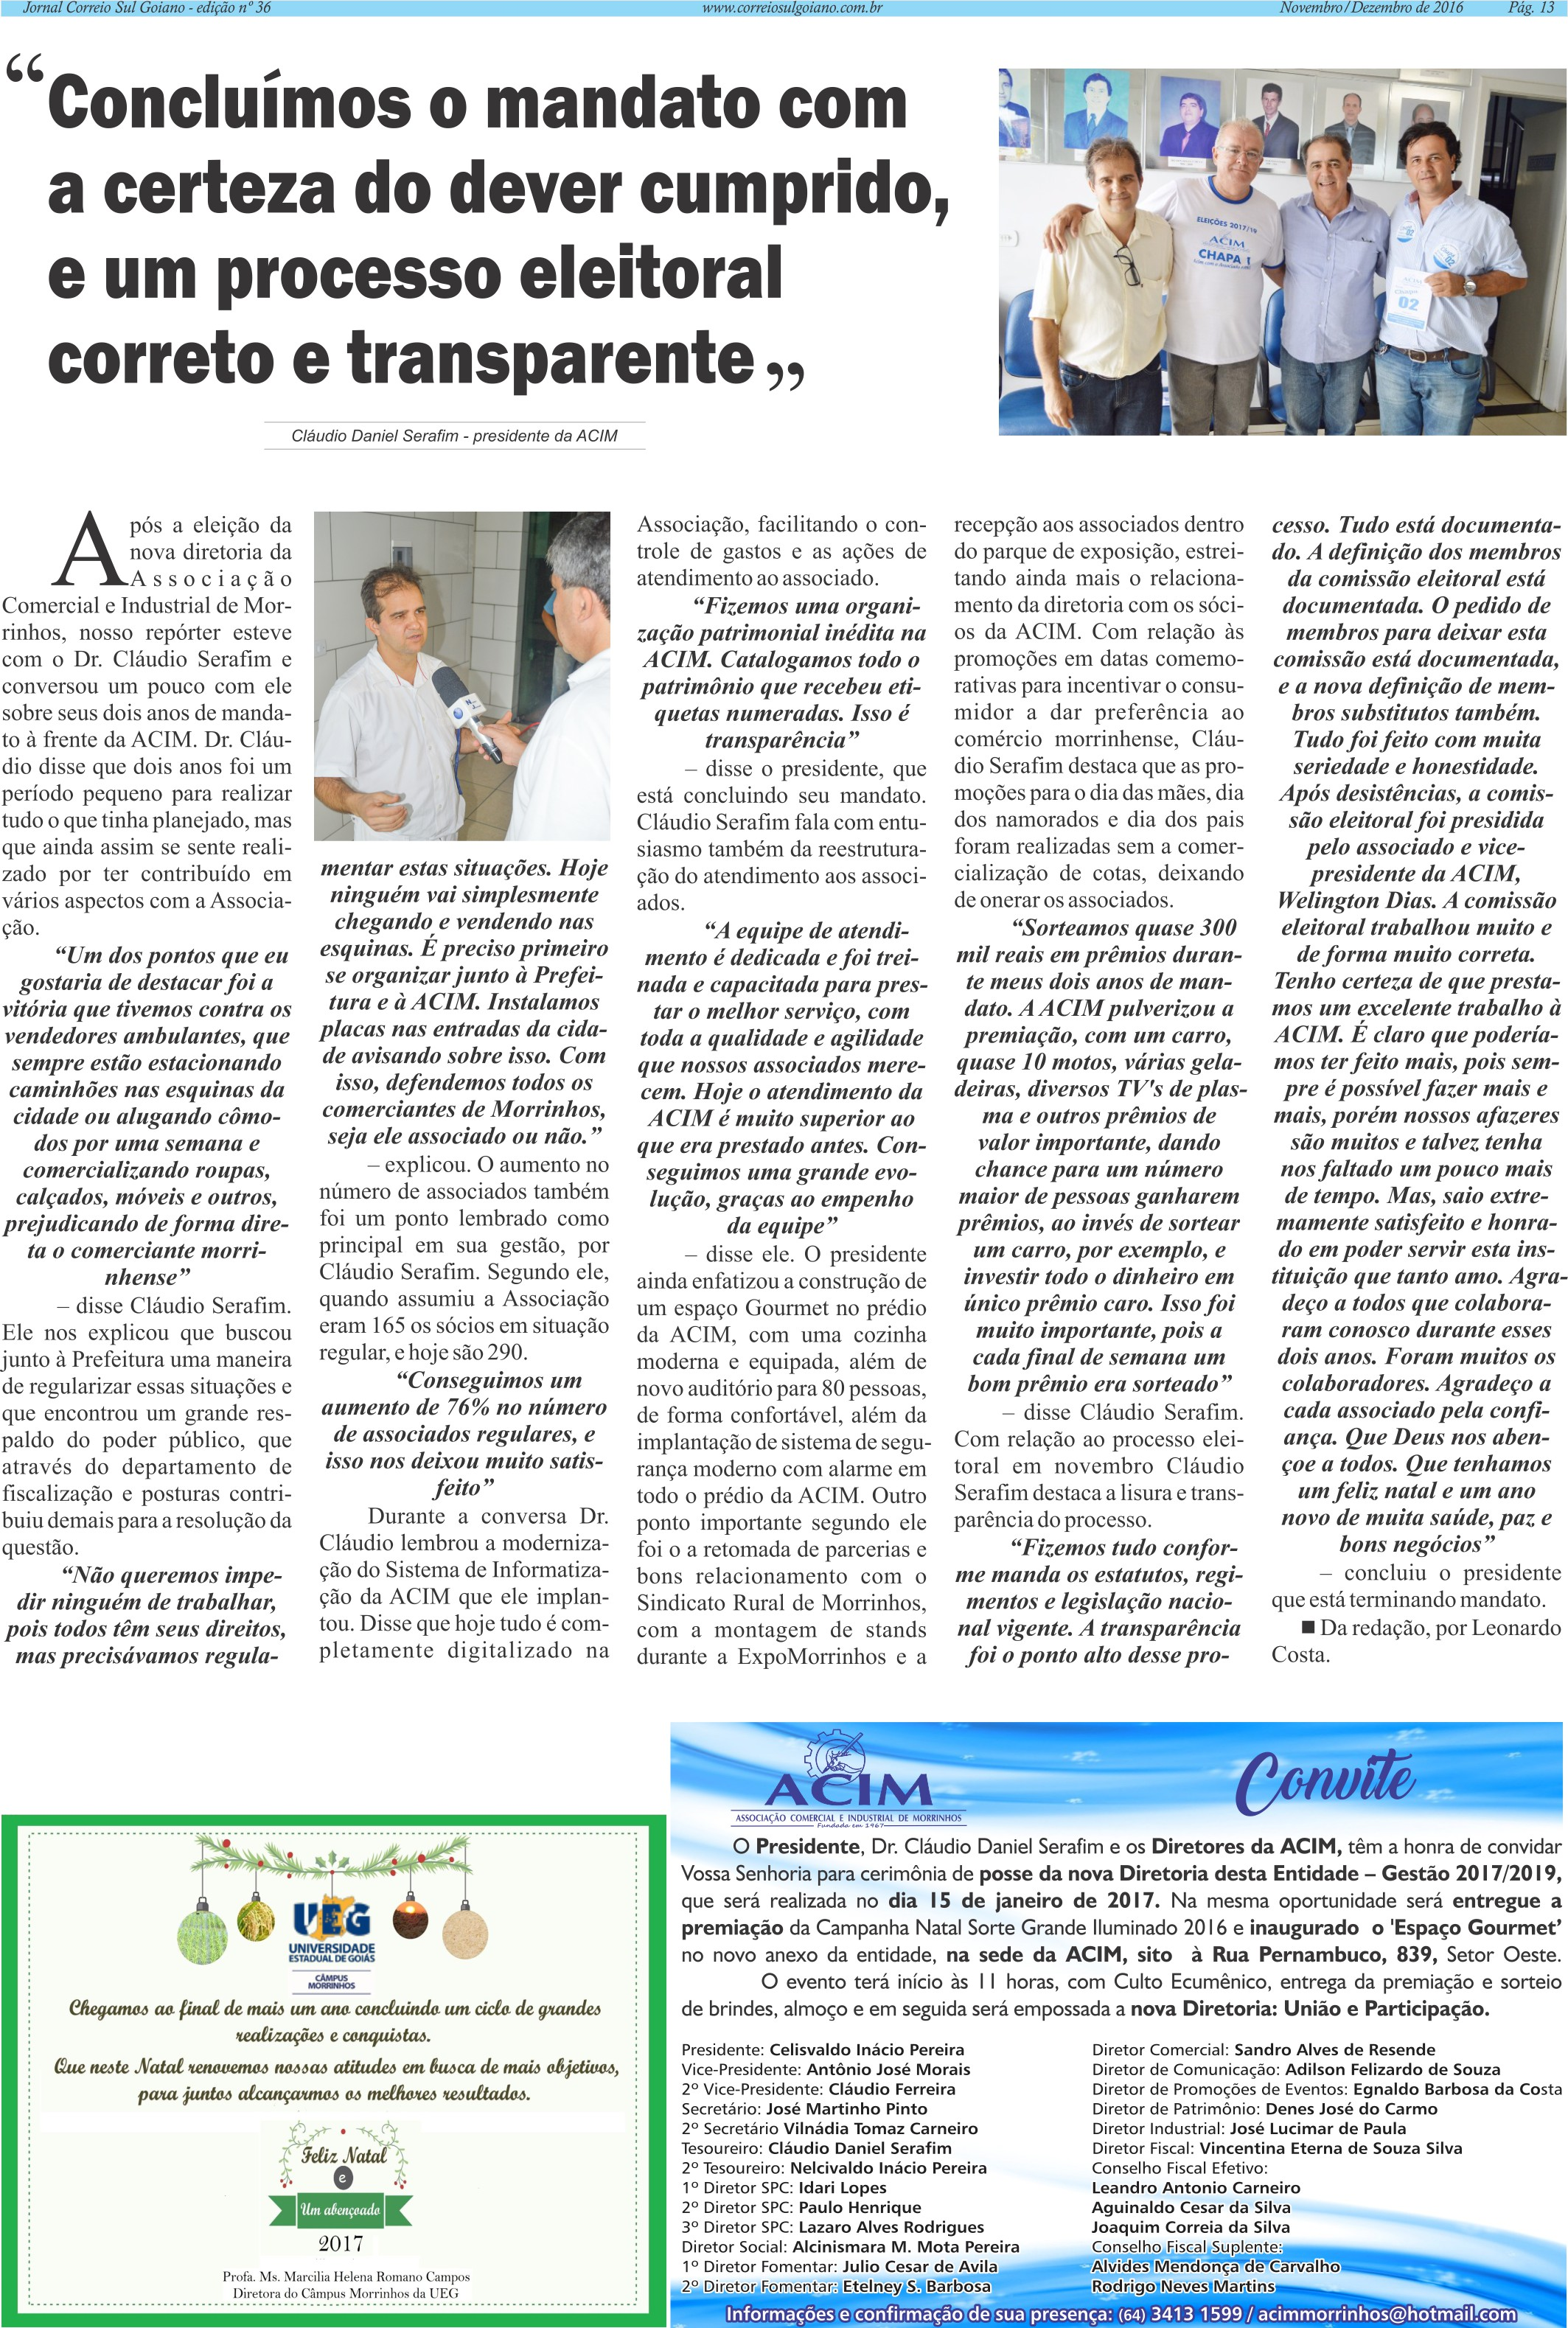 Edição nº 036 - Página 13